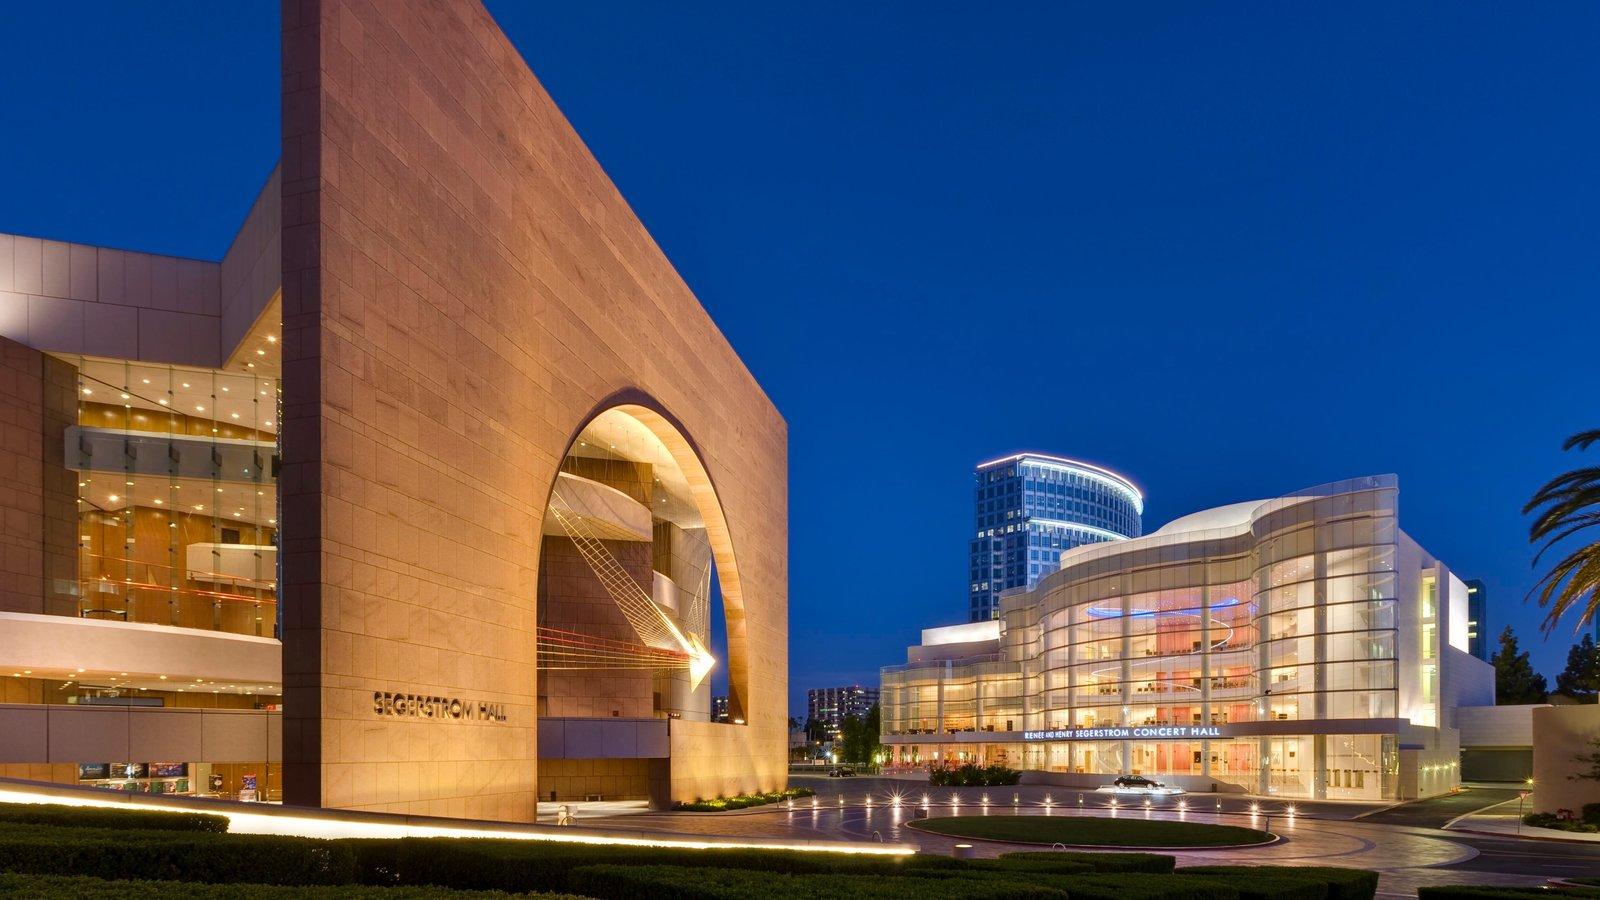 Segerstrom Center for the Arts caracterizando cenas noturnas, linha do horizonte e uma praça ou plaza